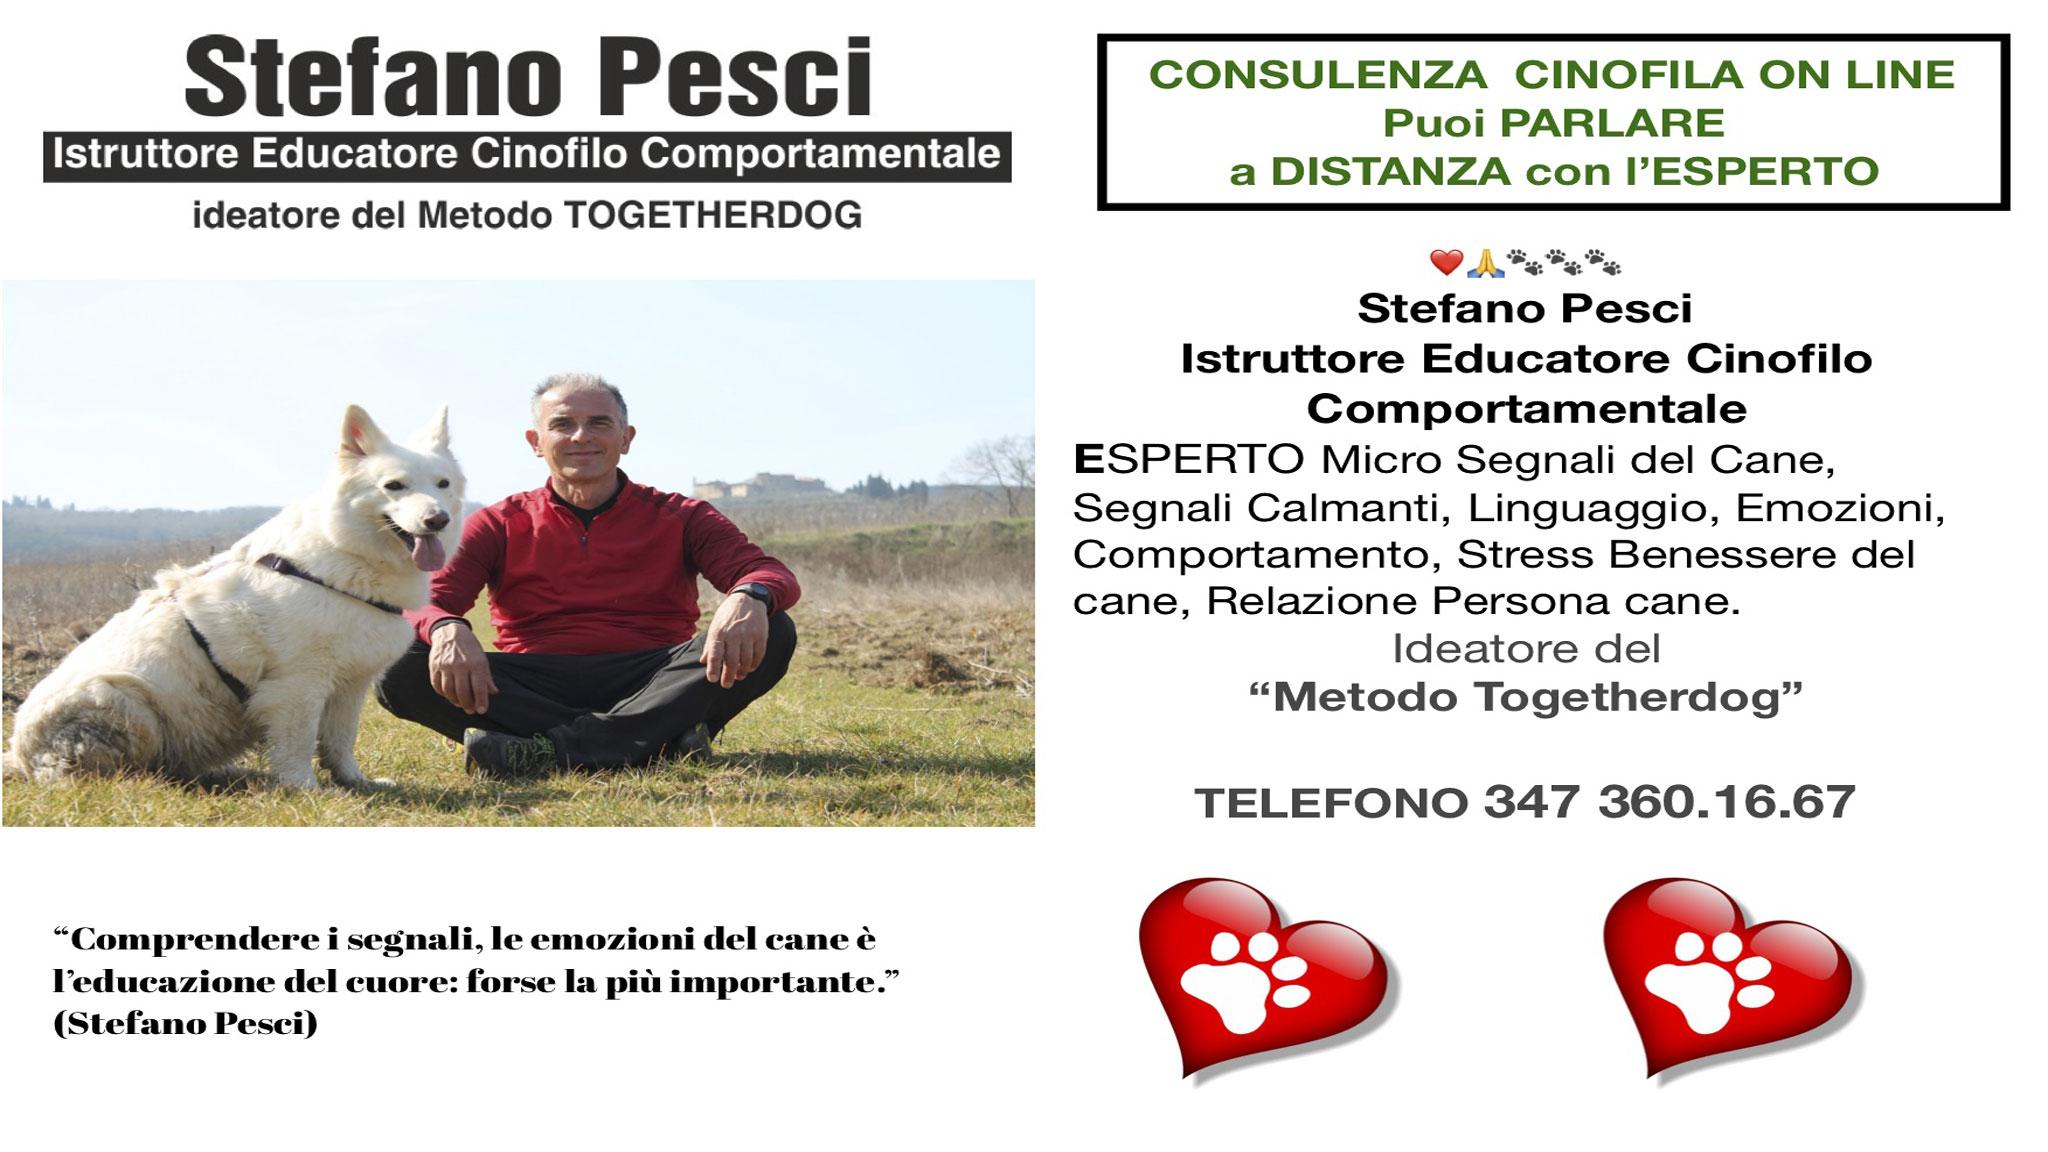 Consulenza Cinofila On Line - Stefano Pesci Istruttore Educatore Cinofilo Comportamentale